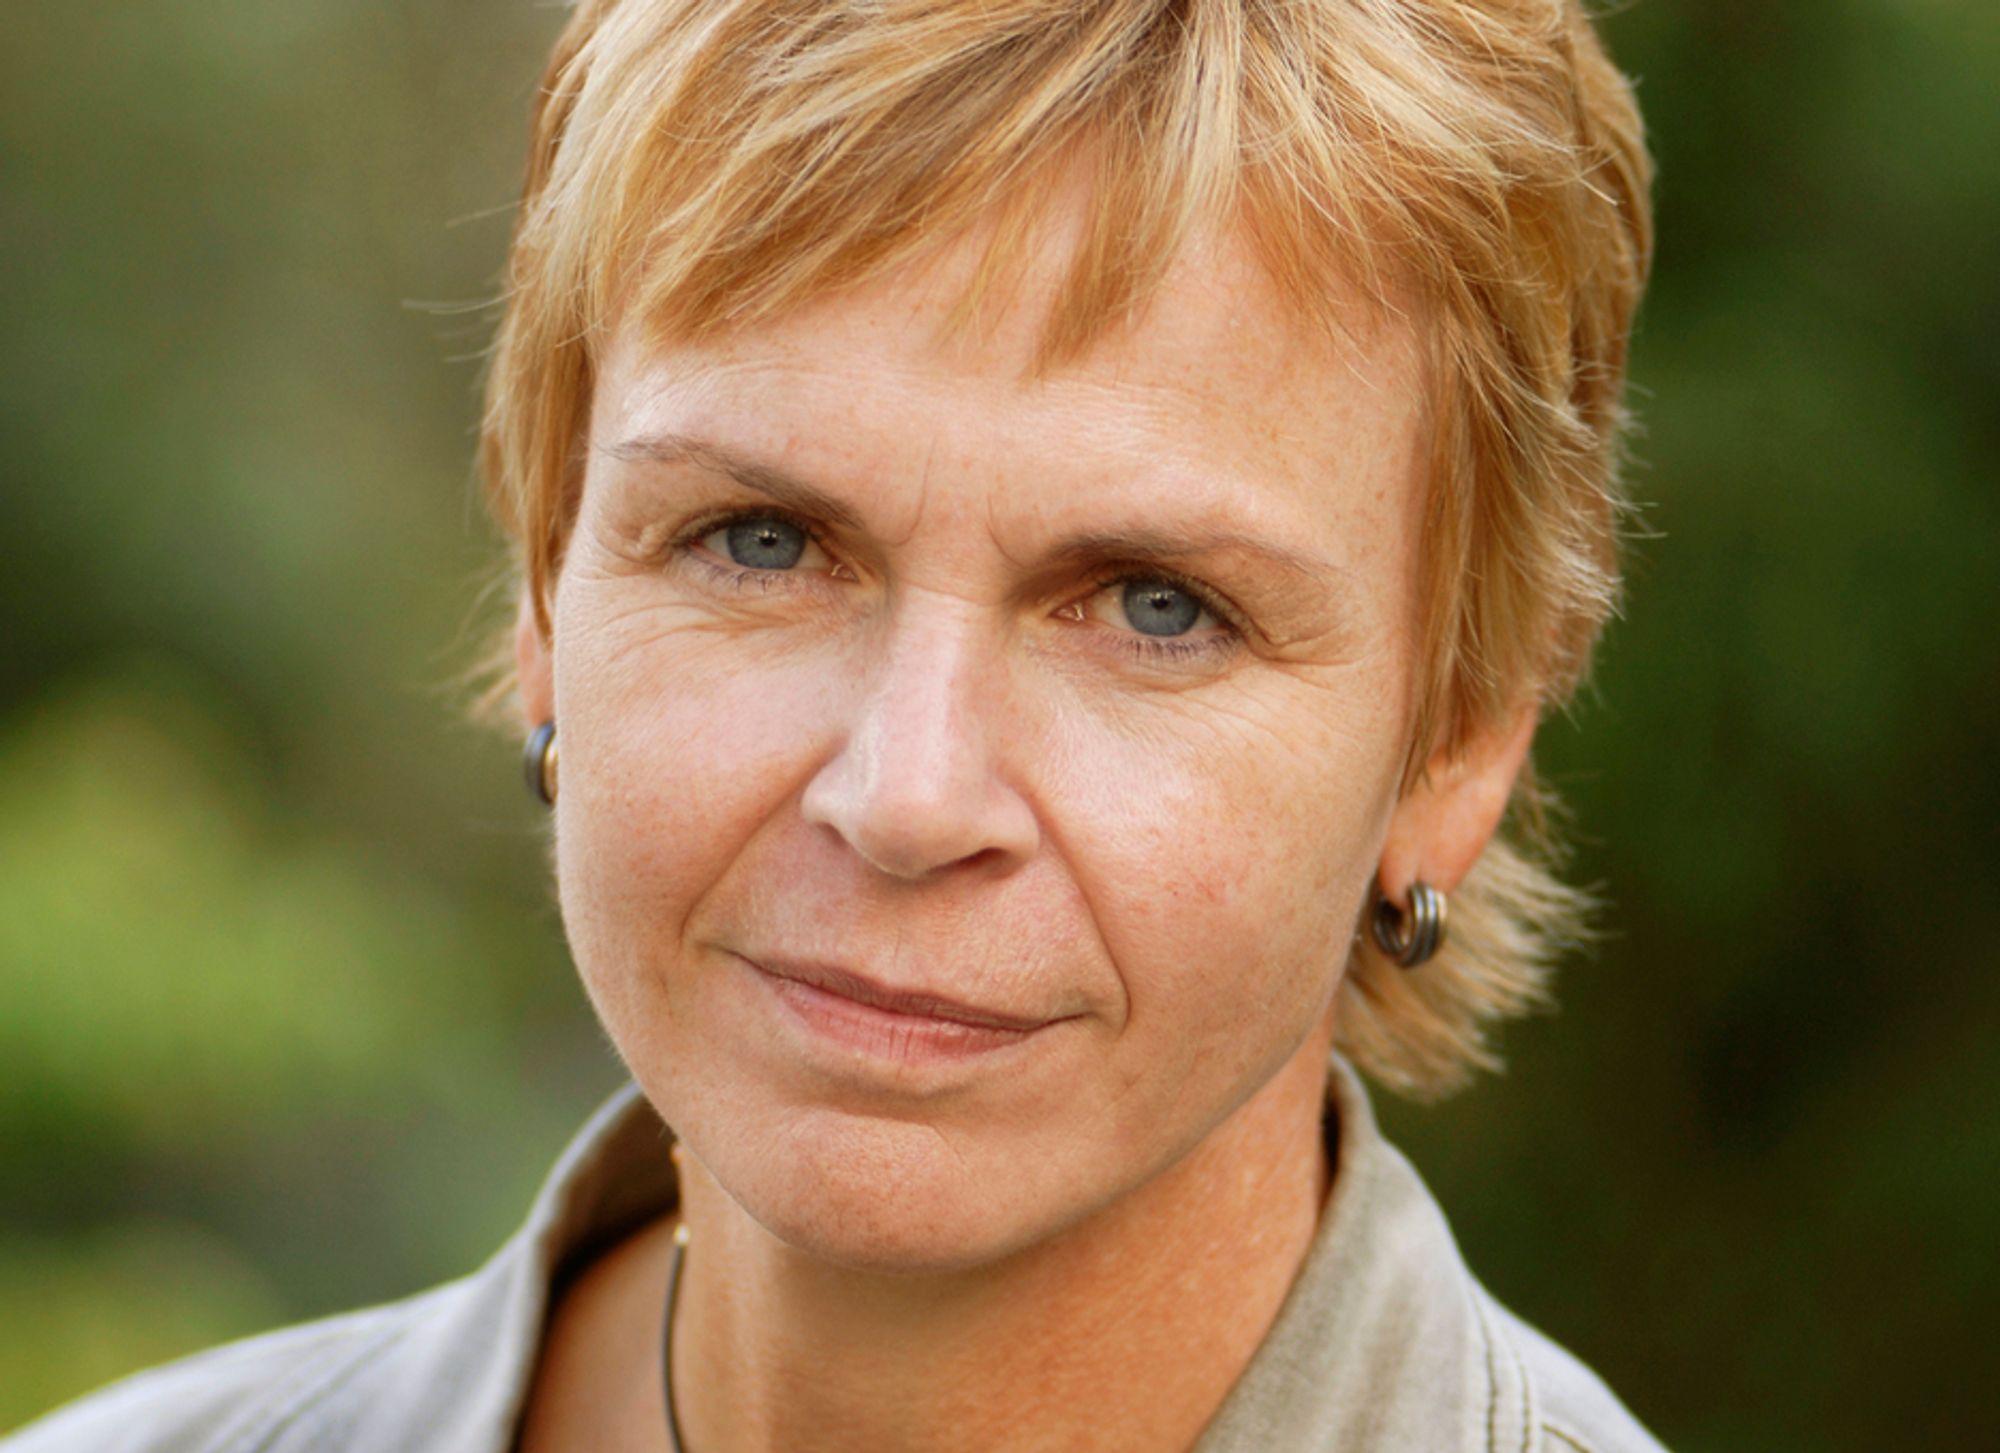 KRITISK: Nito-president Marit Stykket er ikke fornøyd med situasjonen.